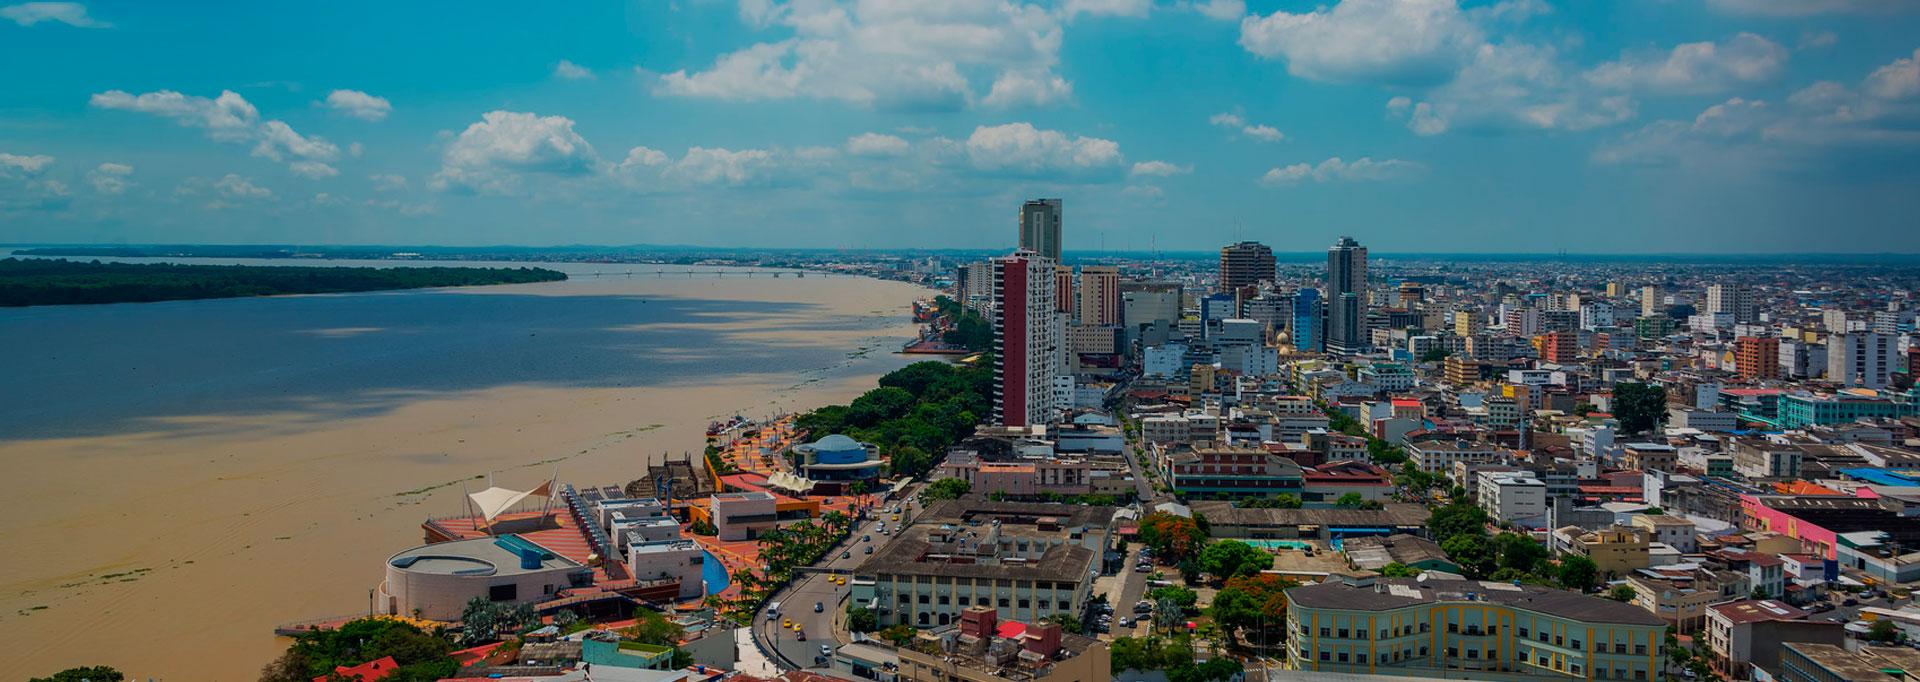 Vuelos Baratos a Guayaquil desde Buenos Aires por ARS 11.893 finales